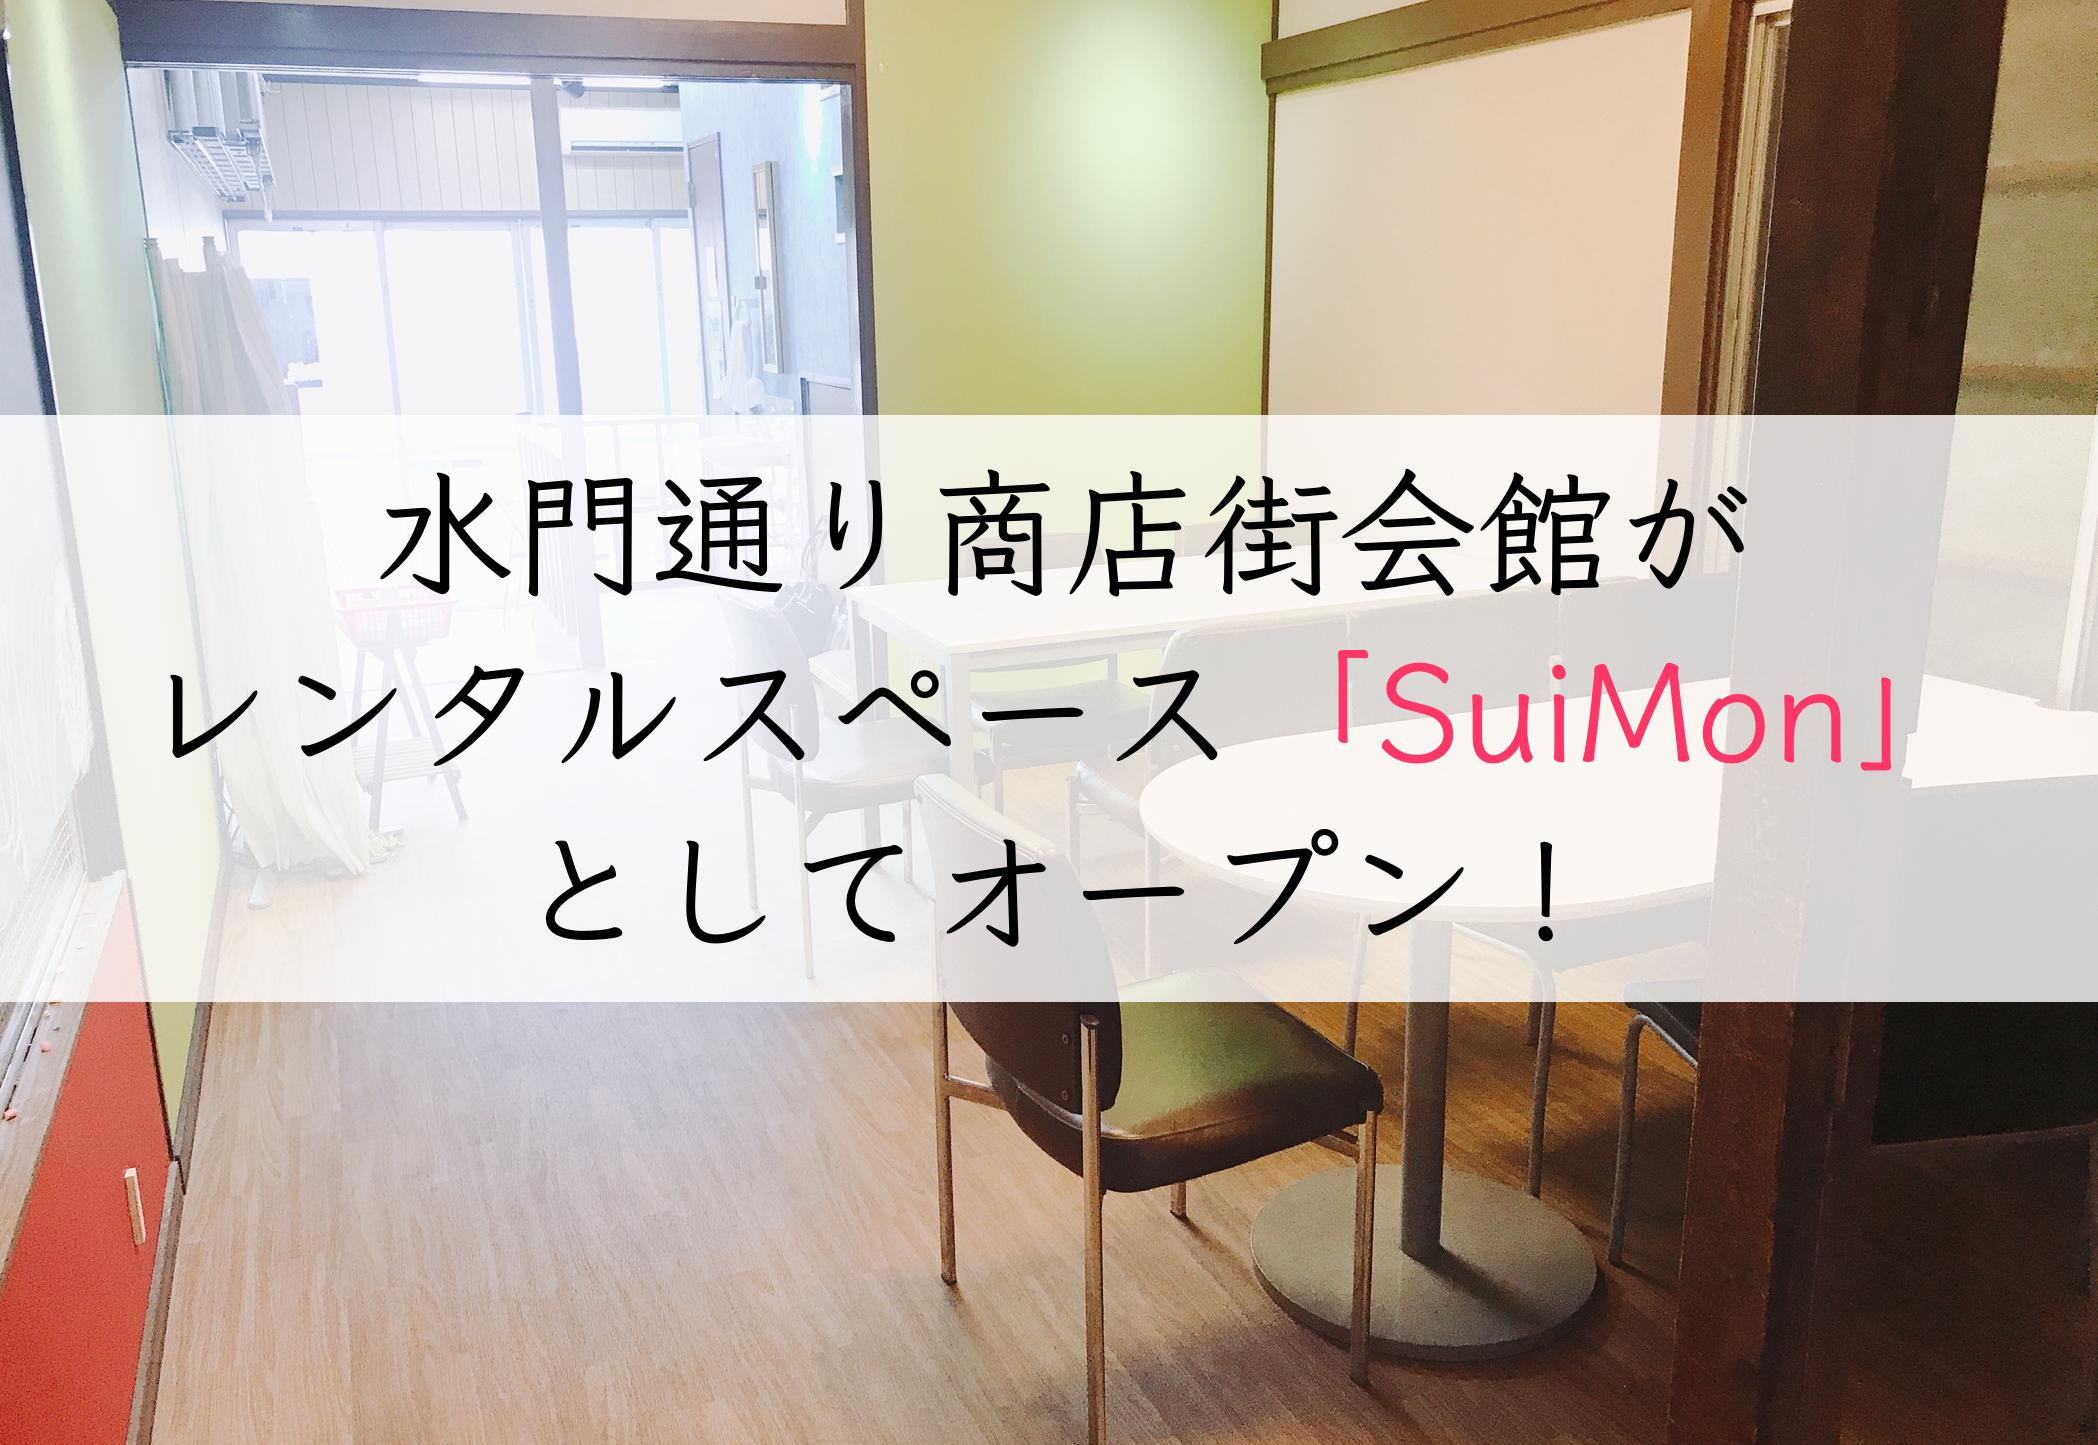 【雑色駅】水門通り商店街会館がレンタルスペース「SuiMon」としてオープン!